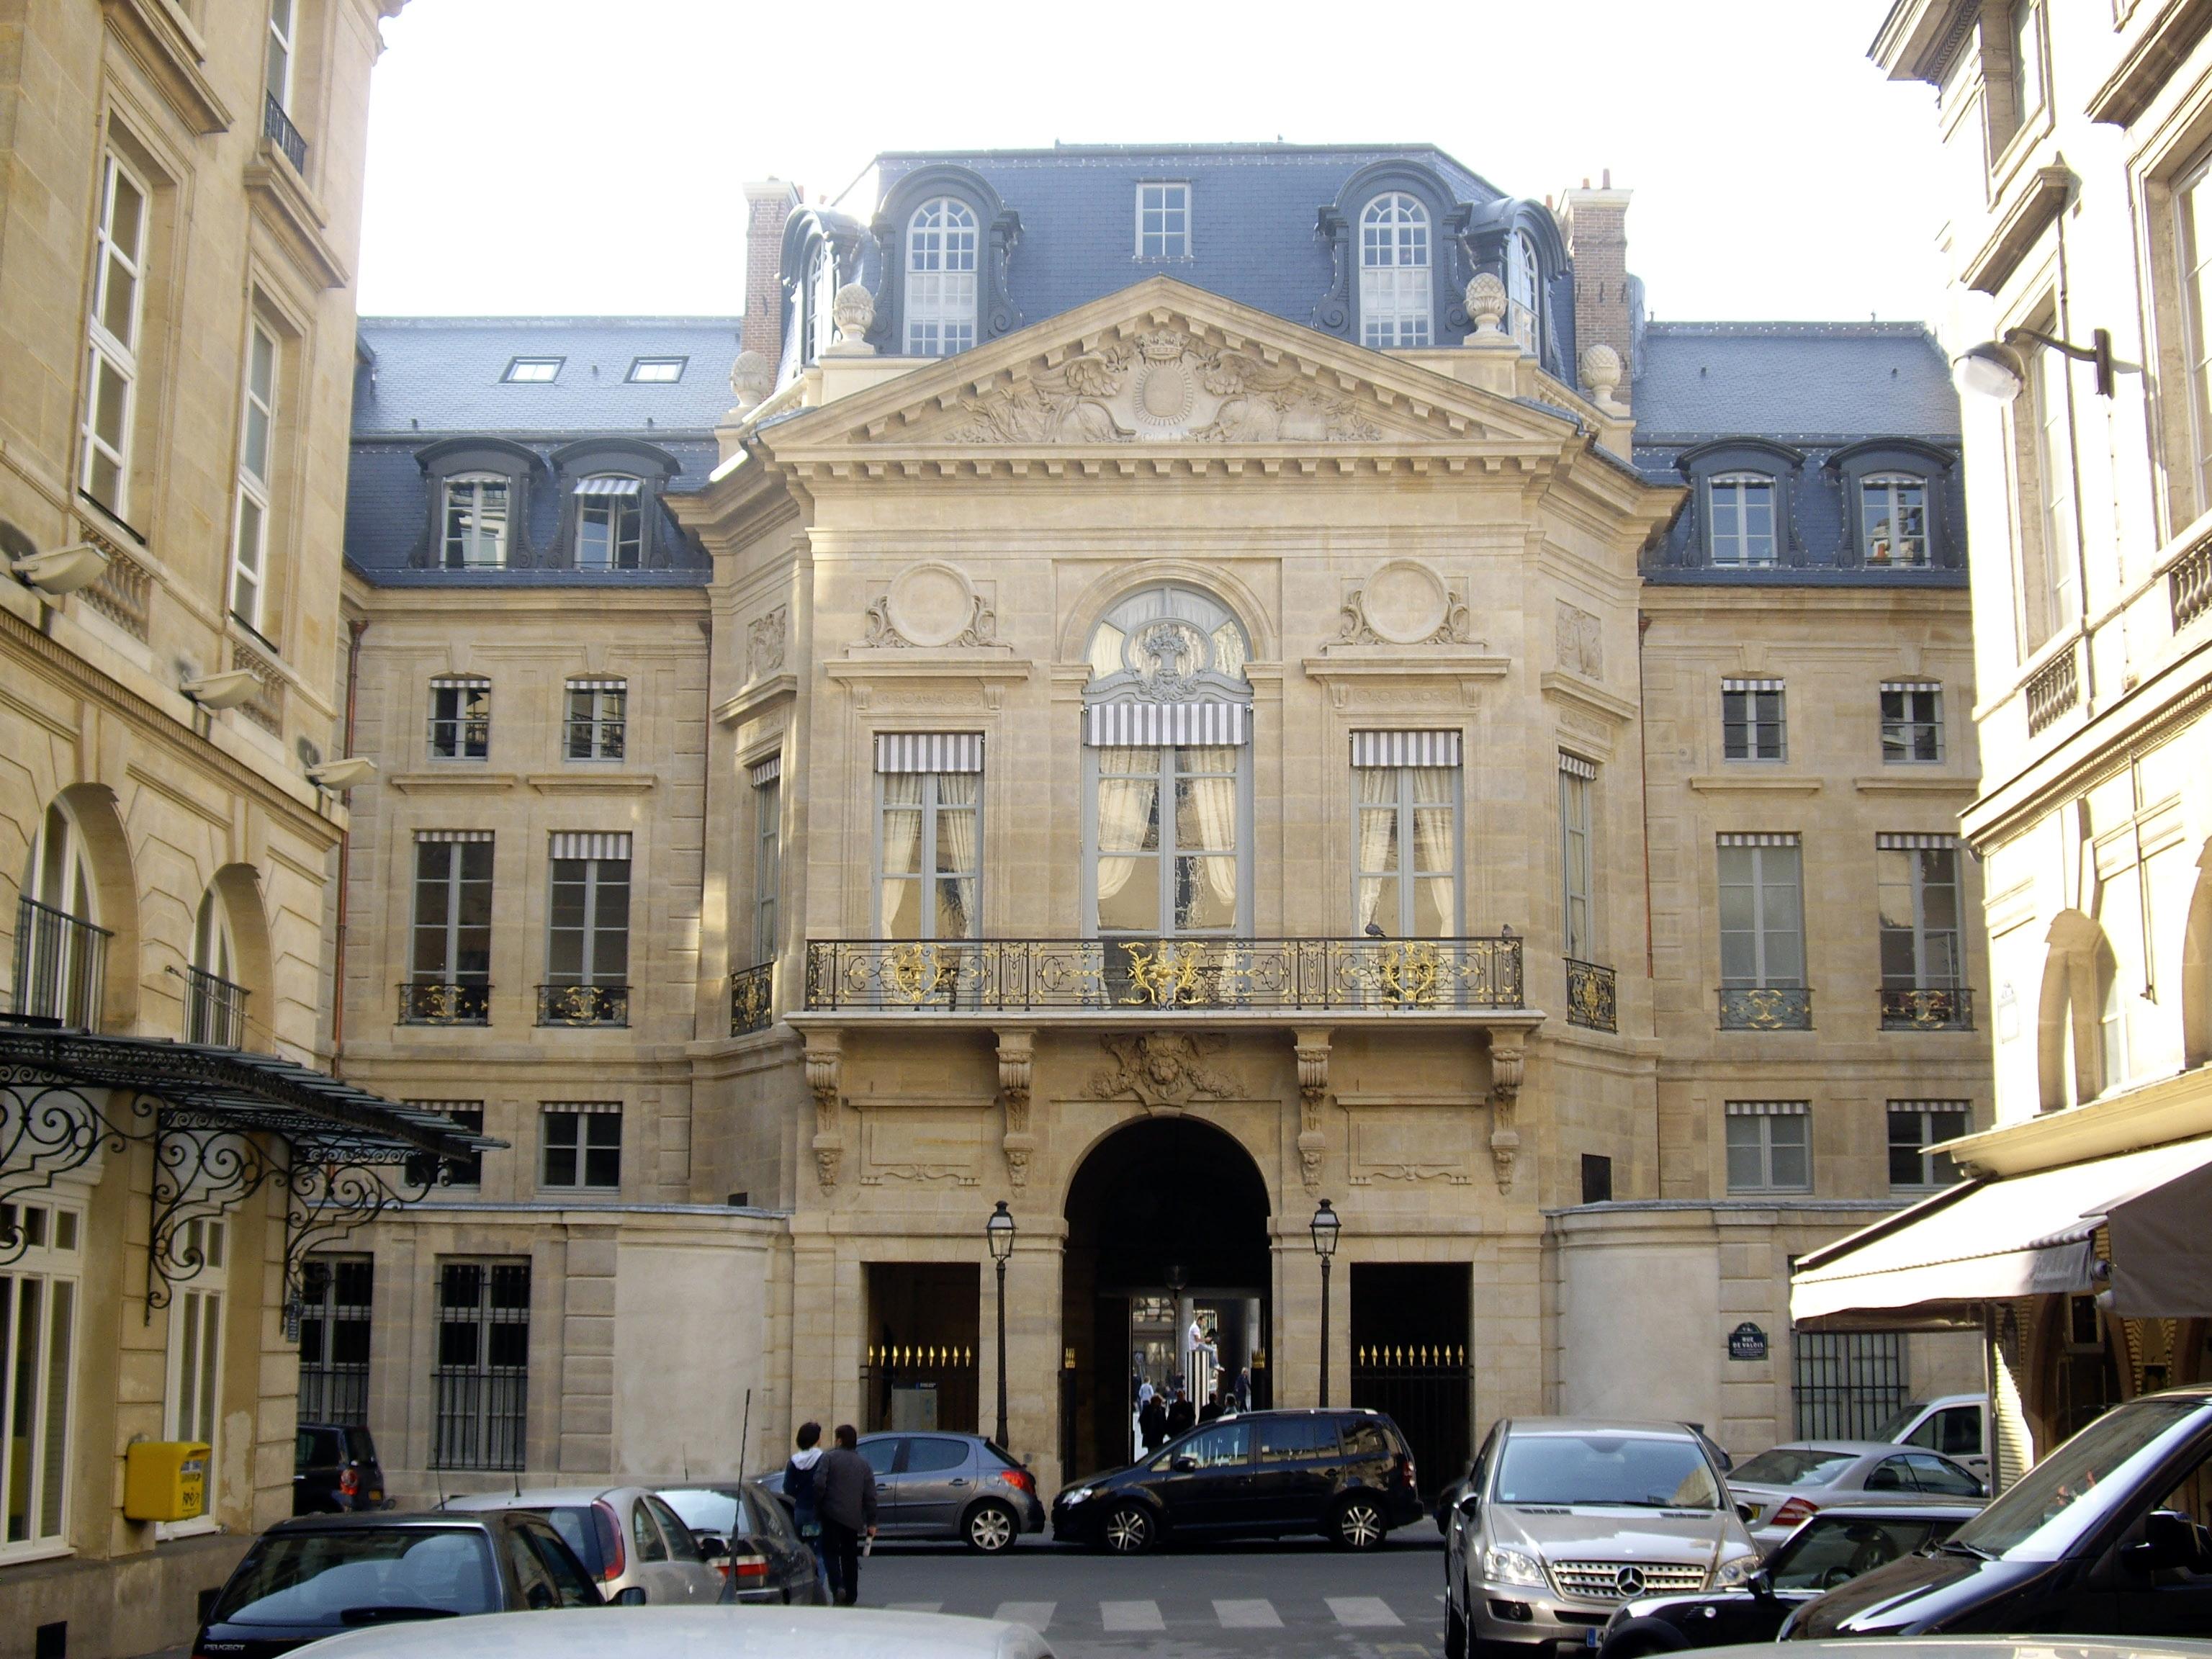 Fichier:Palais-Royal - Rue de Valois - Place de Valois, Paris 1.jpg